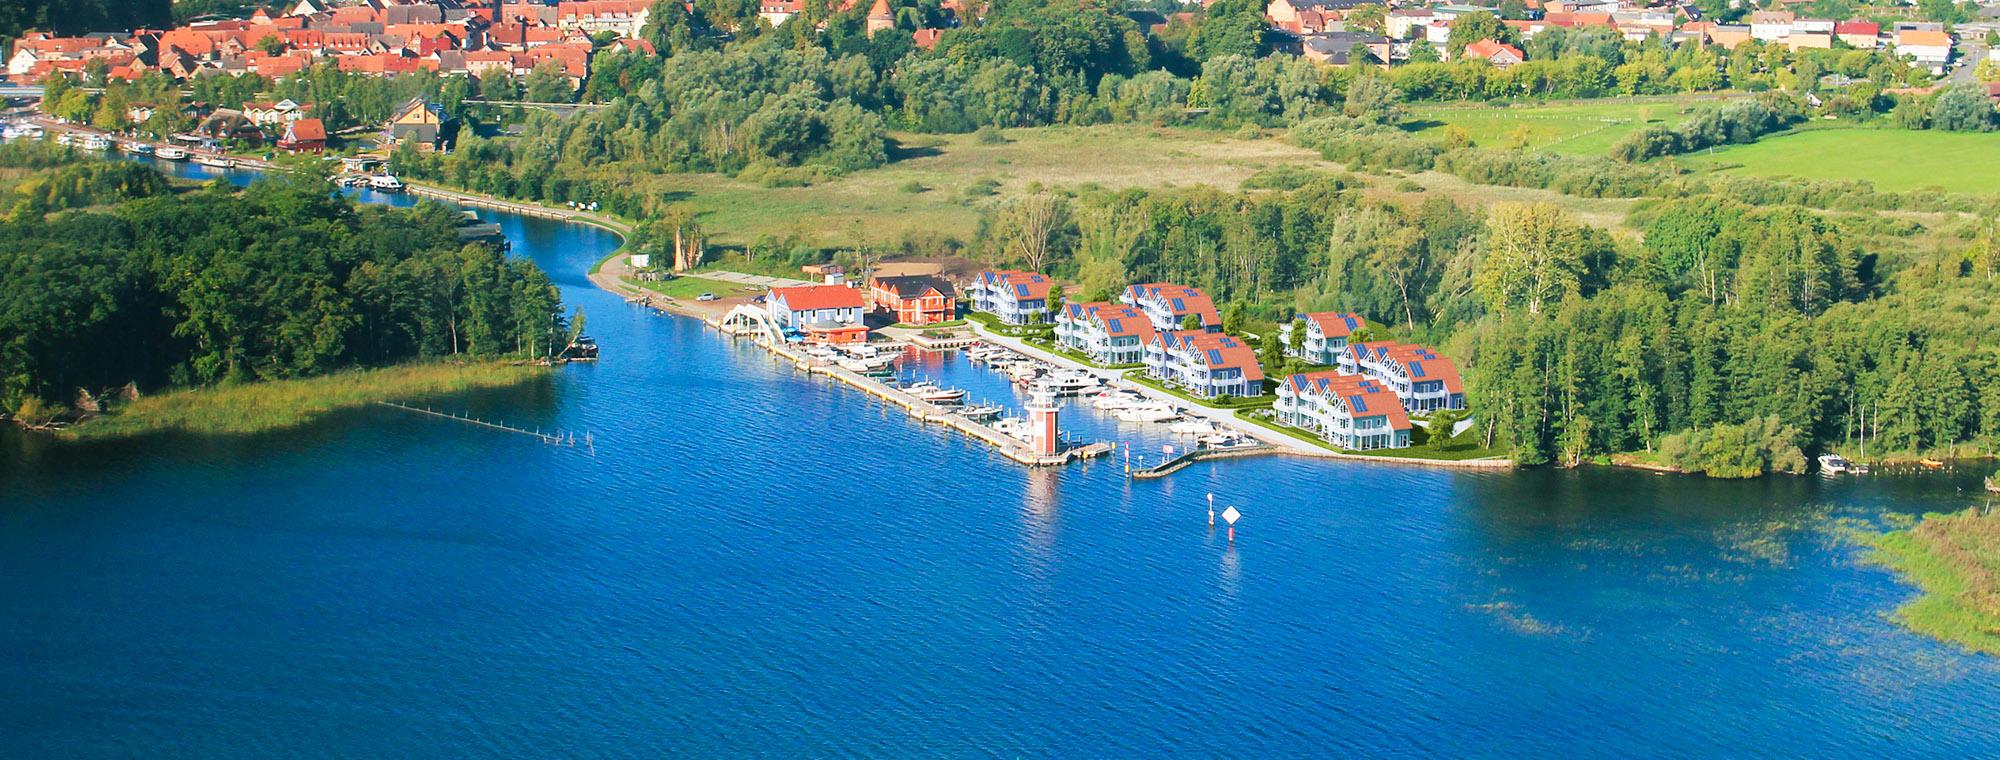 Projekt Hafendorf mit Meer Blick